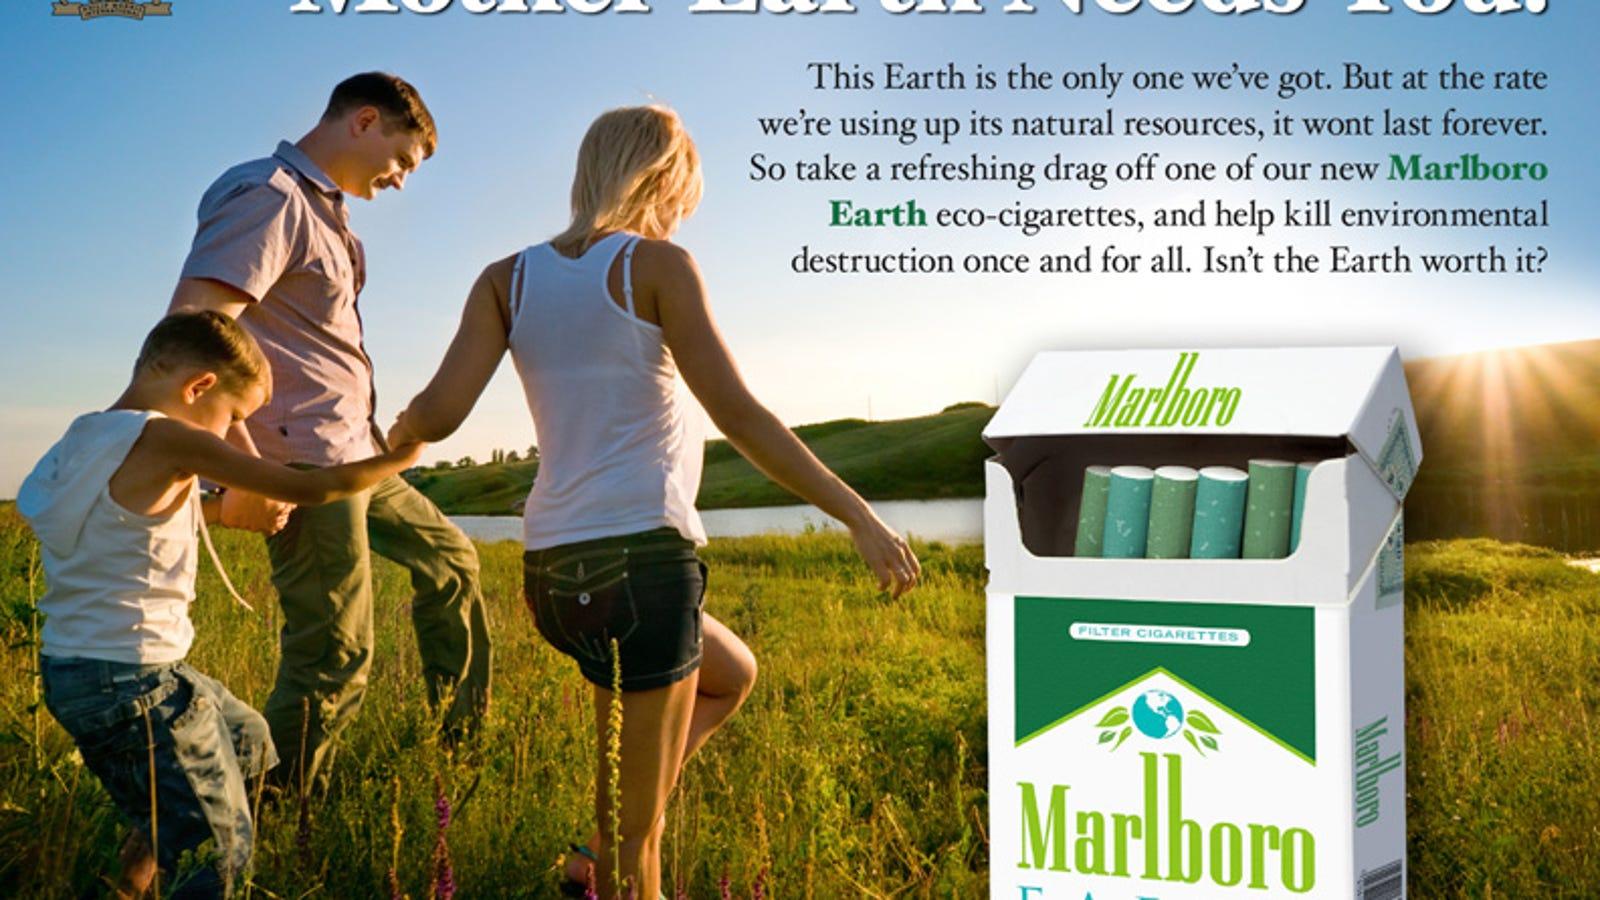 American brand cigarettes Marlboro in Vermont